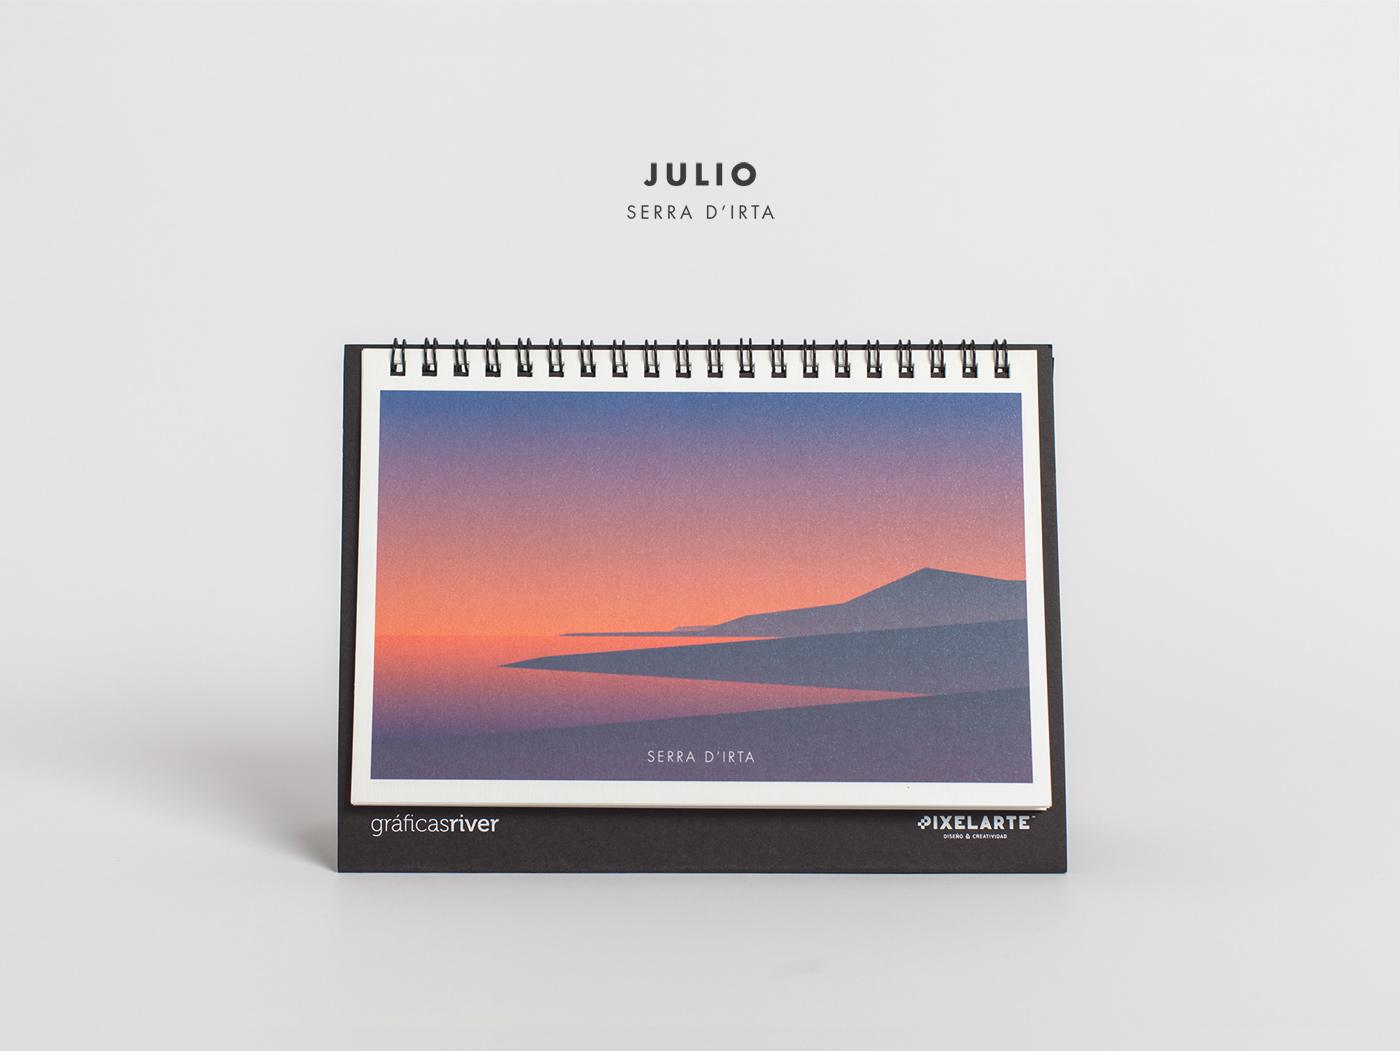 pixelarte-estudio-diseno-grafico-calendario-parques-comunidad_valenciana-julio-2016